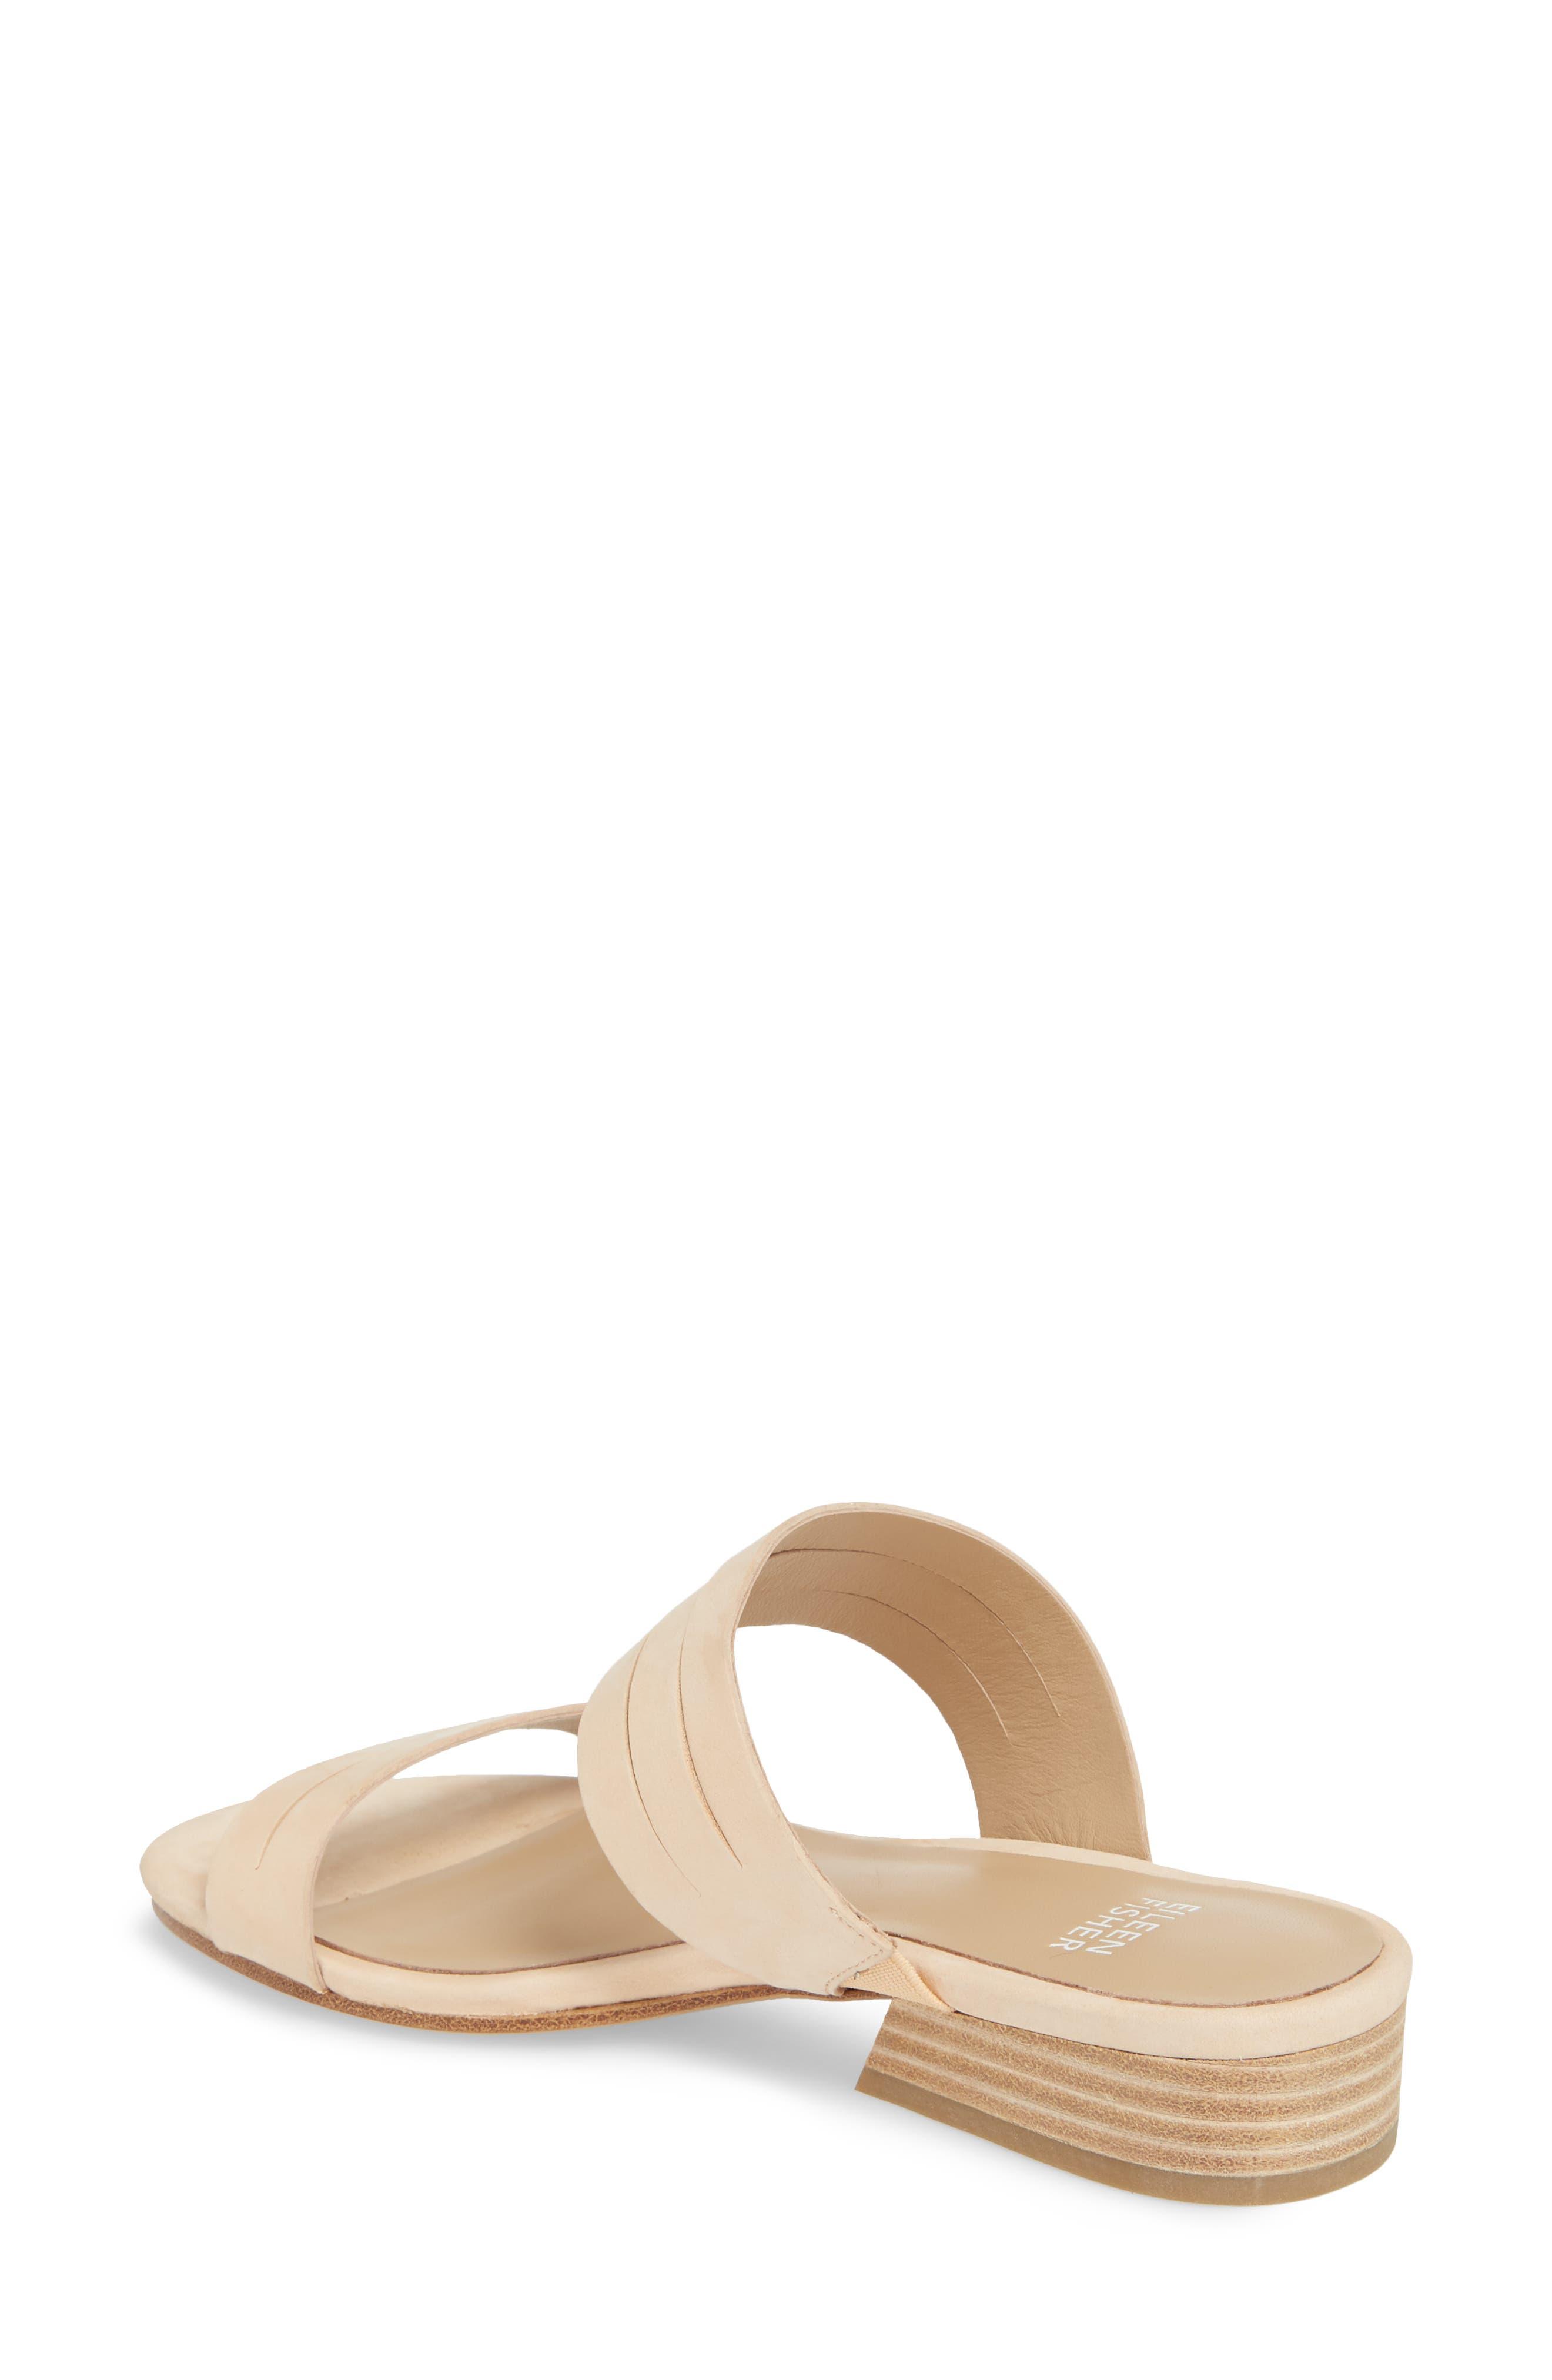 Finch Slide Sandal,                             Alternate thumbnail 2, color,                             Cream Nubuck